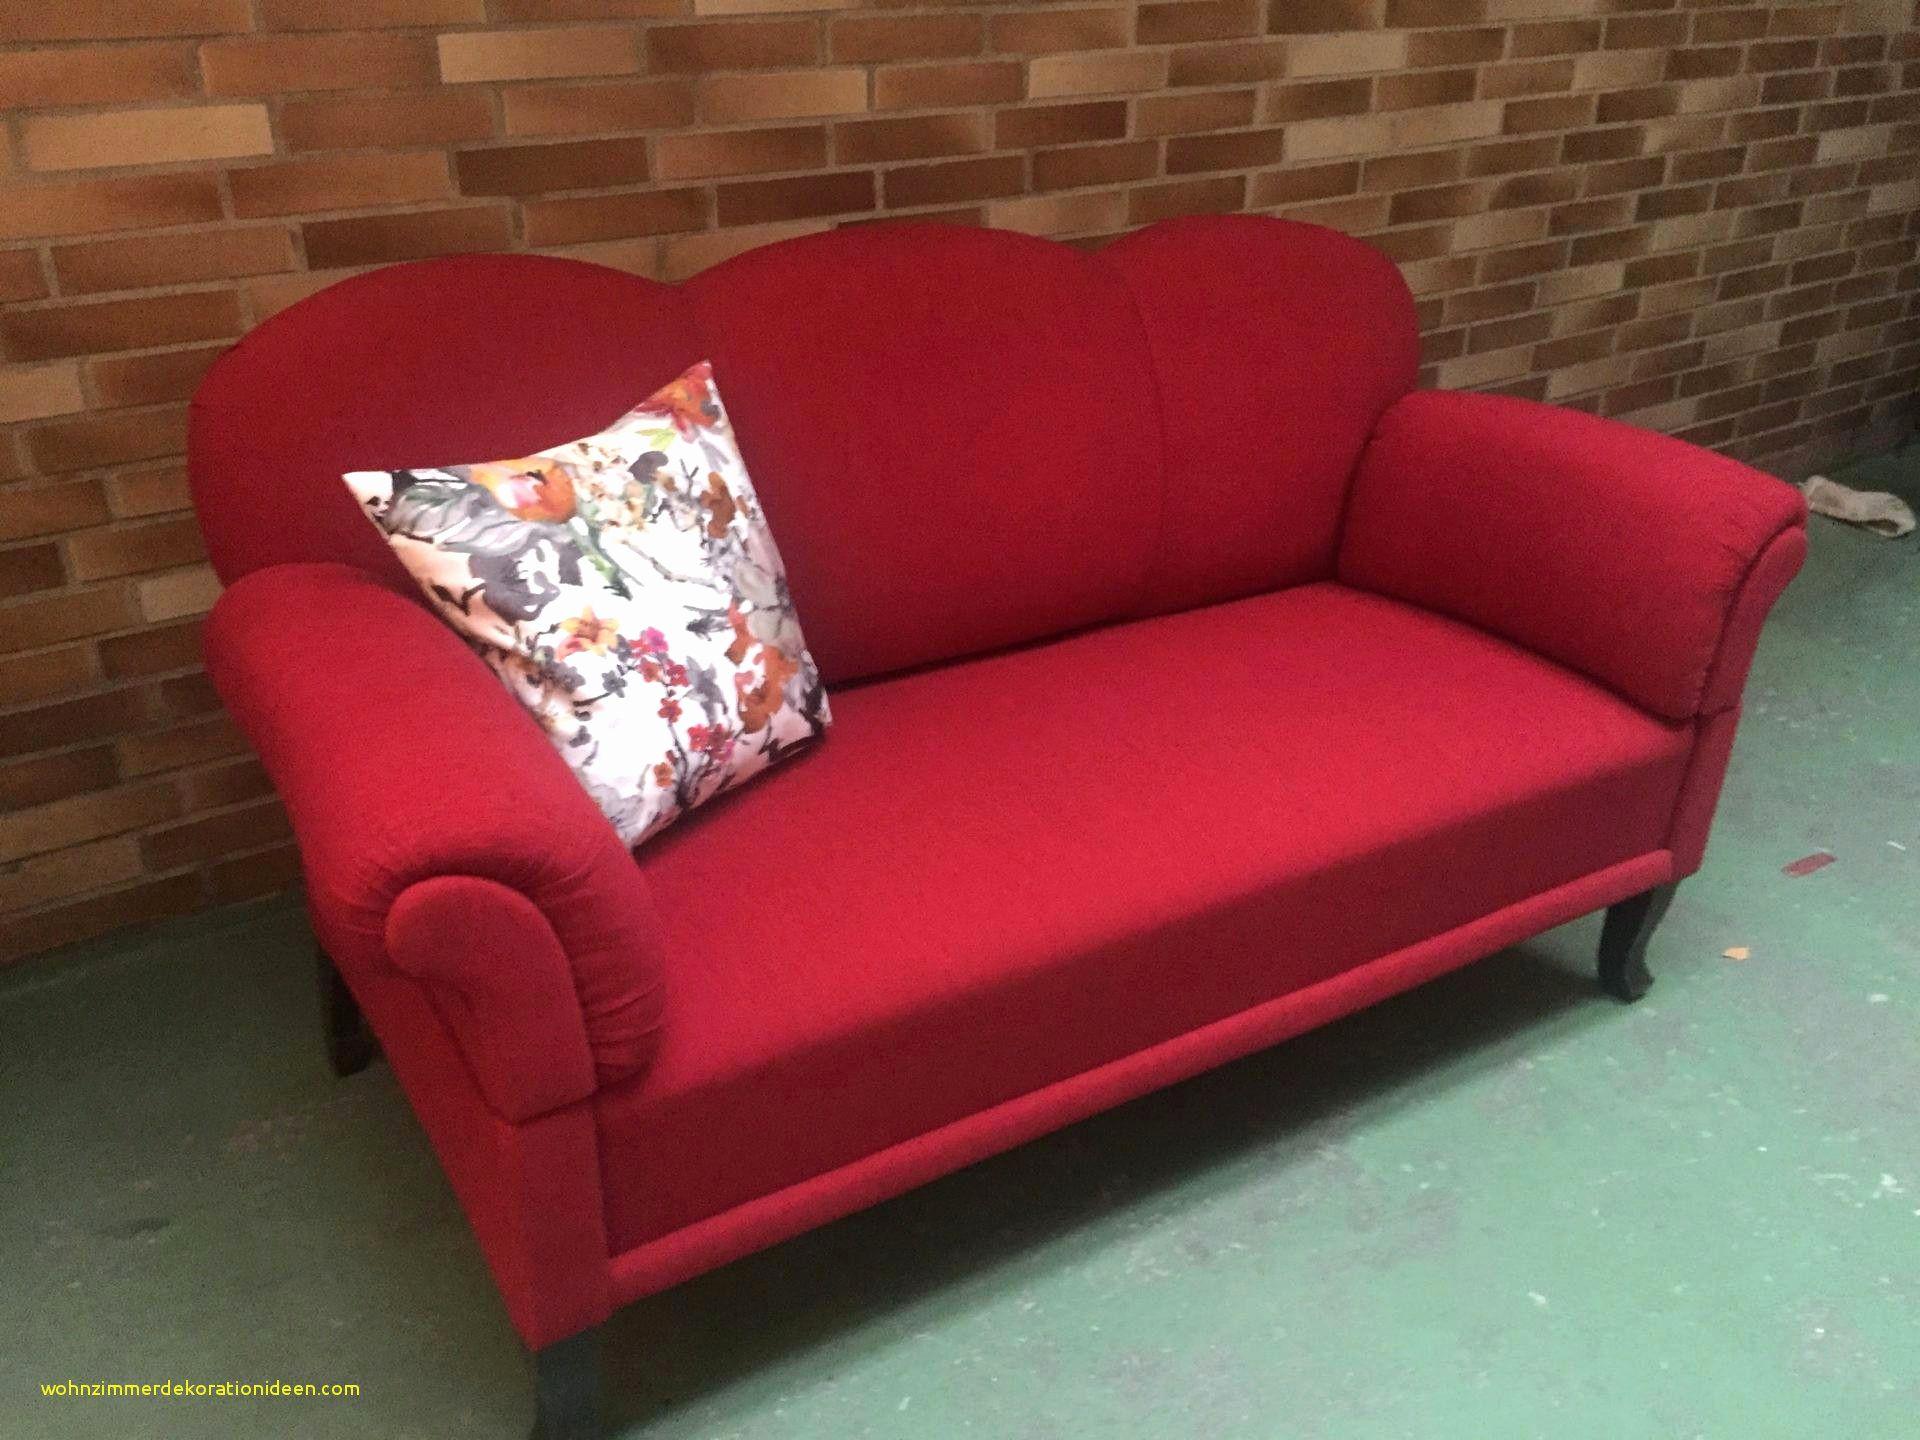 Full Size of Ndr Rotes Sofa 24 Inspirierend Galerie Von Das Rote Big Weiß Braun Led Lounge Garten Mit Holzfüßen Breit L Form Angebote Schlaffunktion Federkern Hersteller Sofa Rotes Sofa